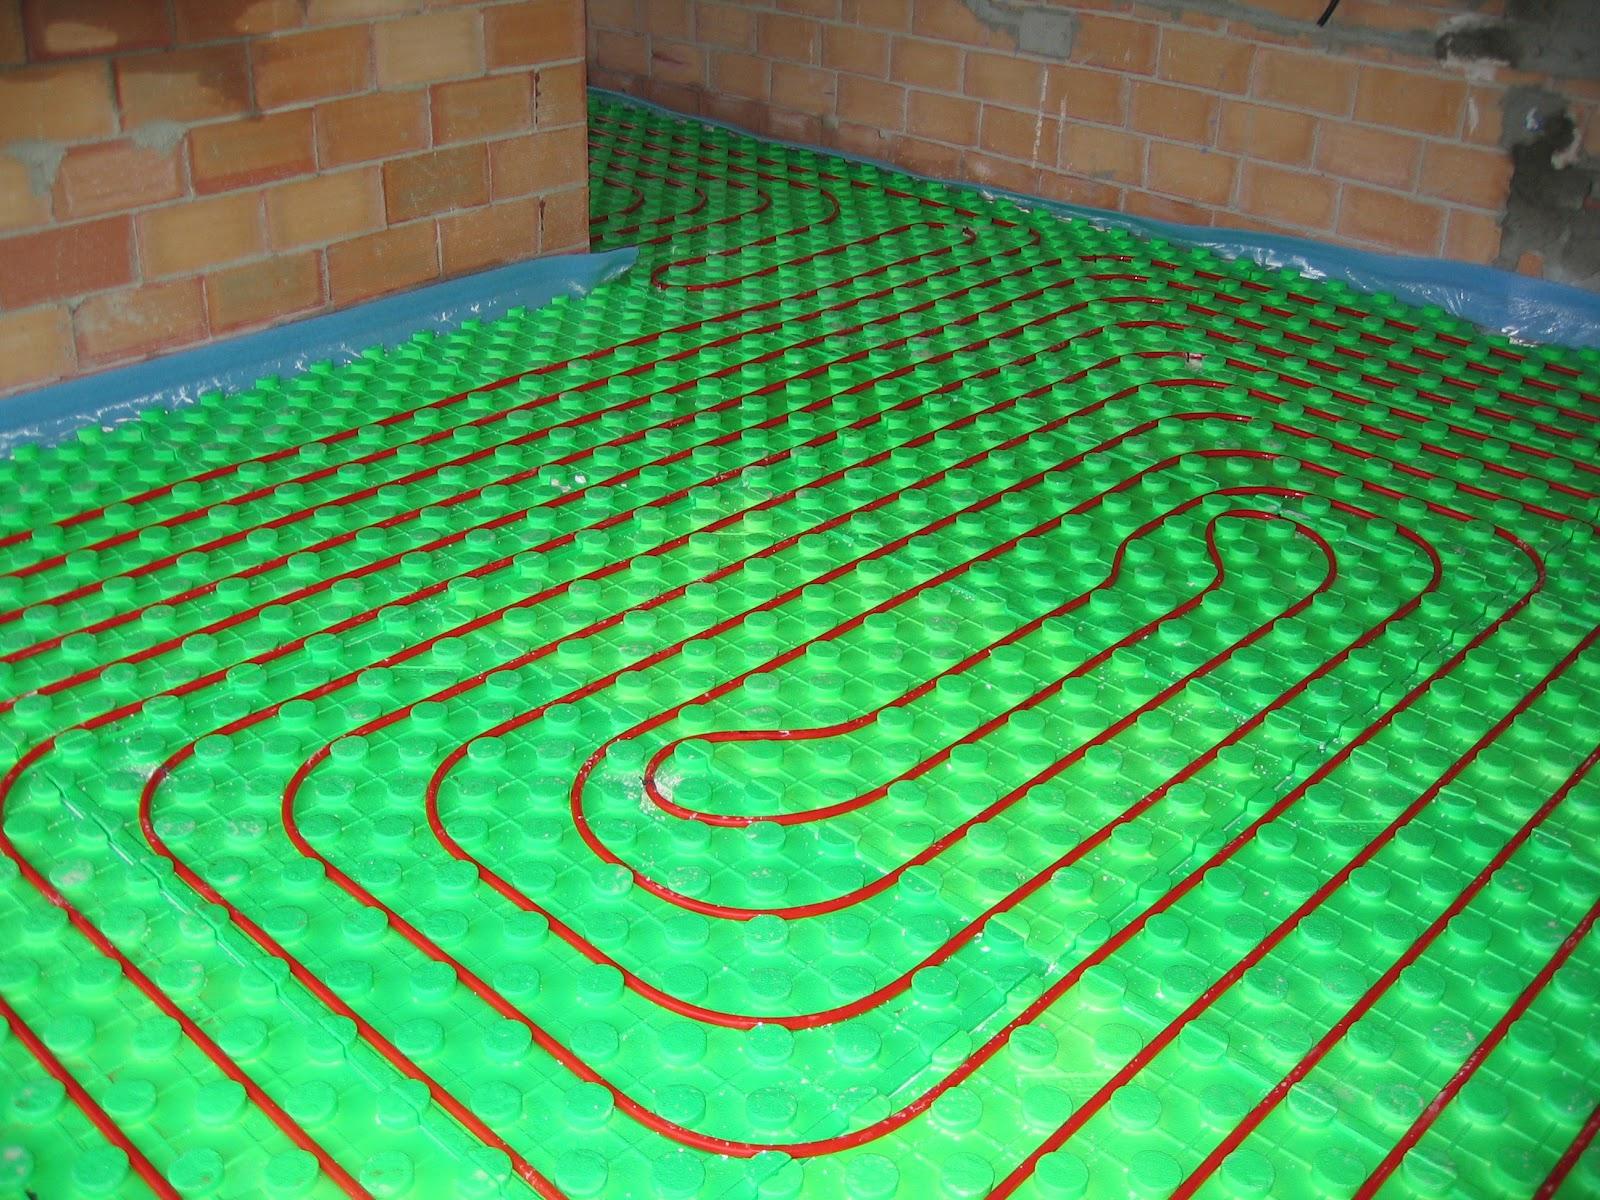 Neytesa el suelo radiante la mejor calefacci n - Mejor sistema de calefaccion electrica ...